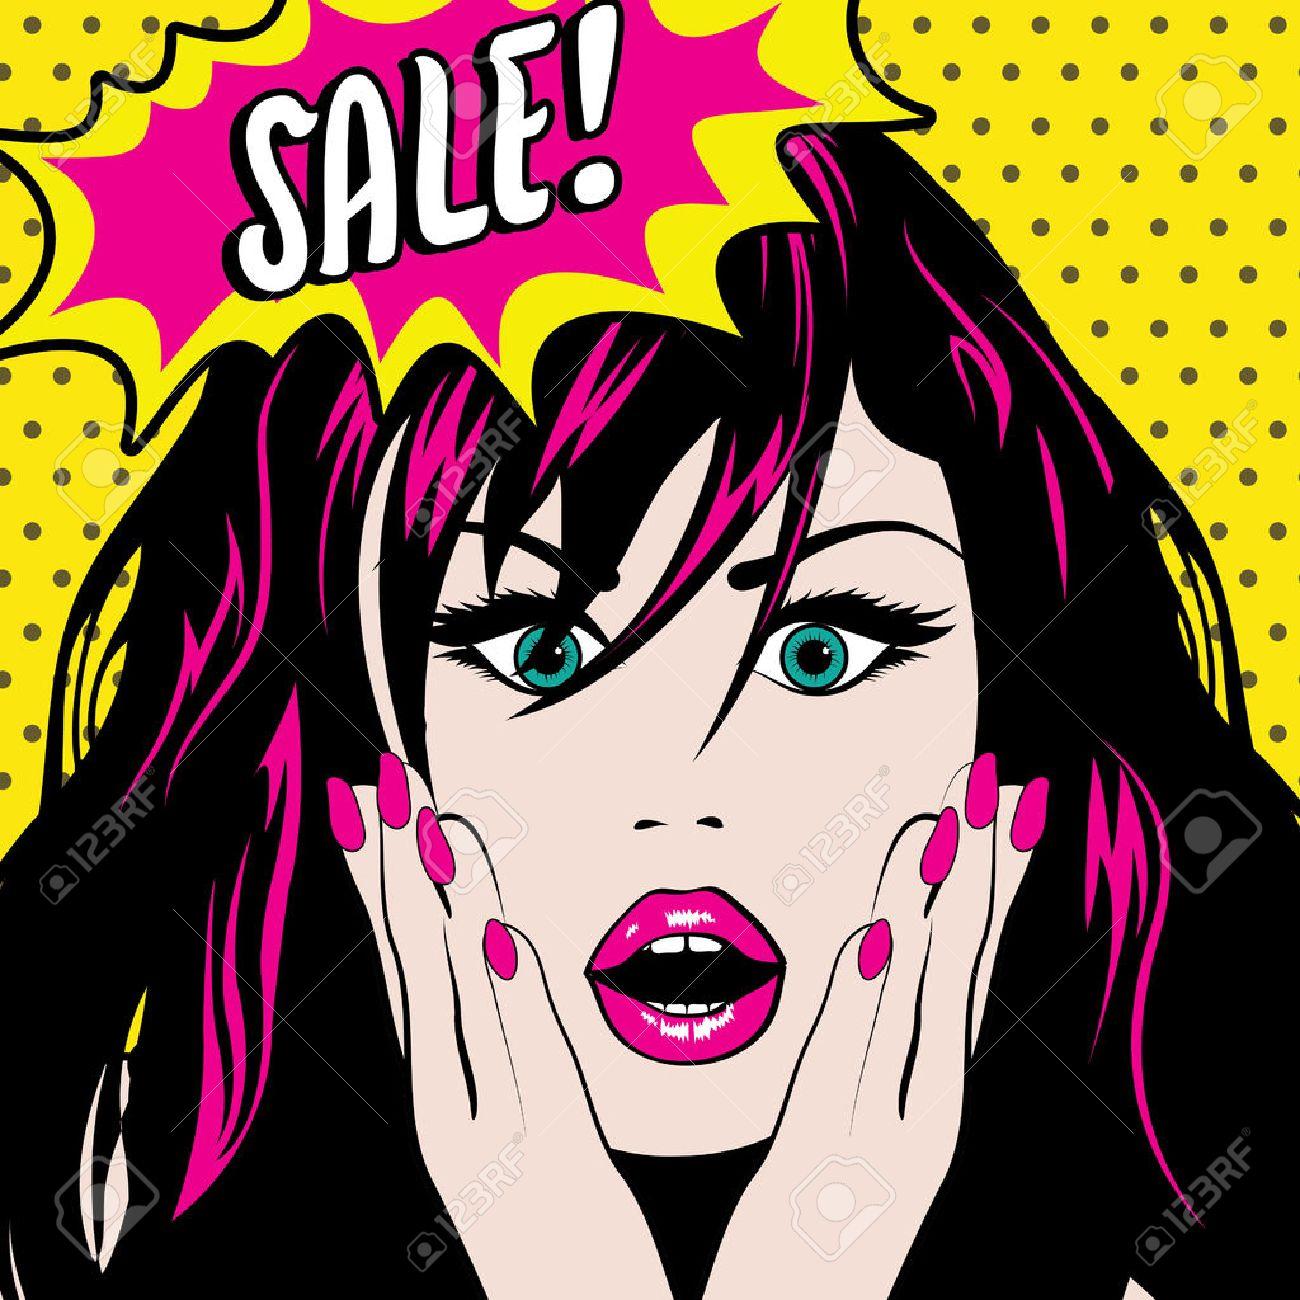 Pop art woman with sale speech bubble - 50991262